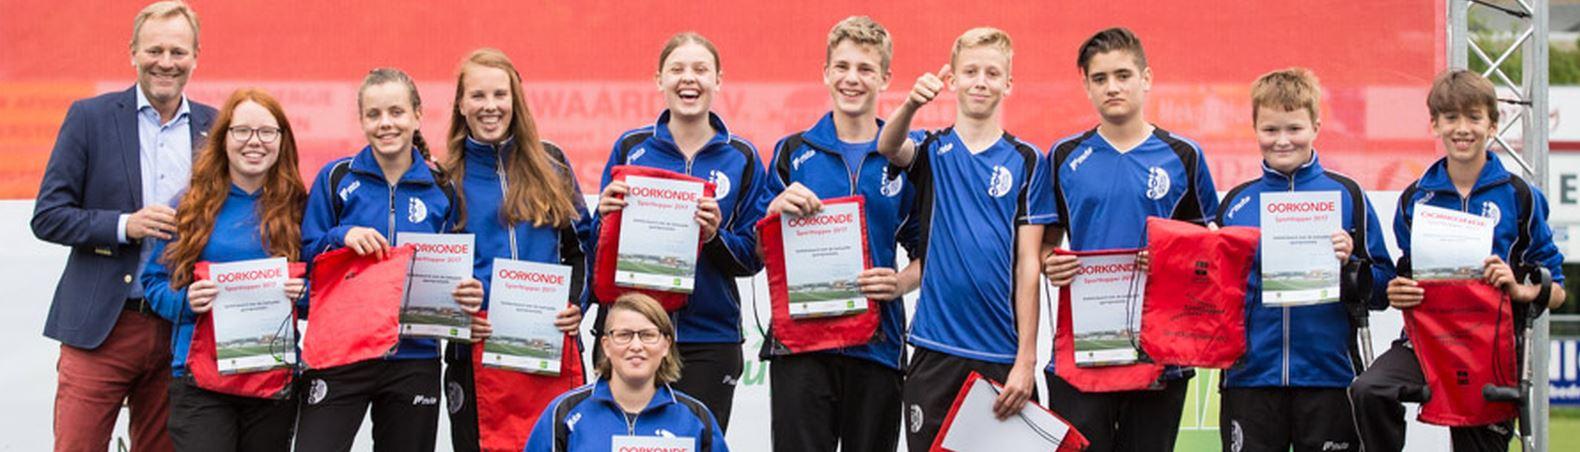 300 sporters gehuldigd in Hillegom